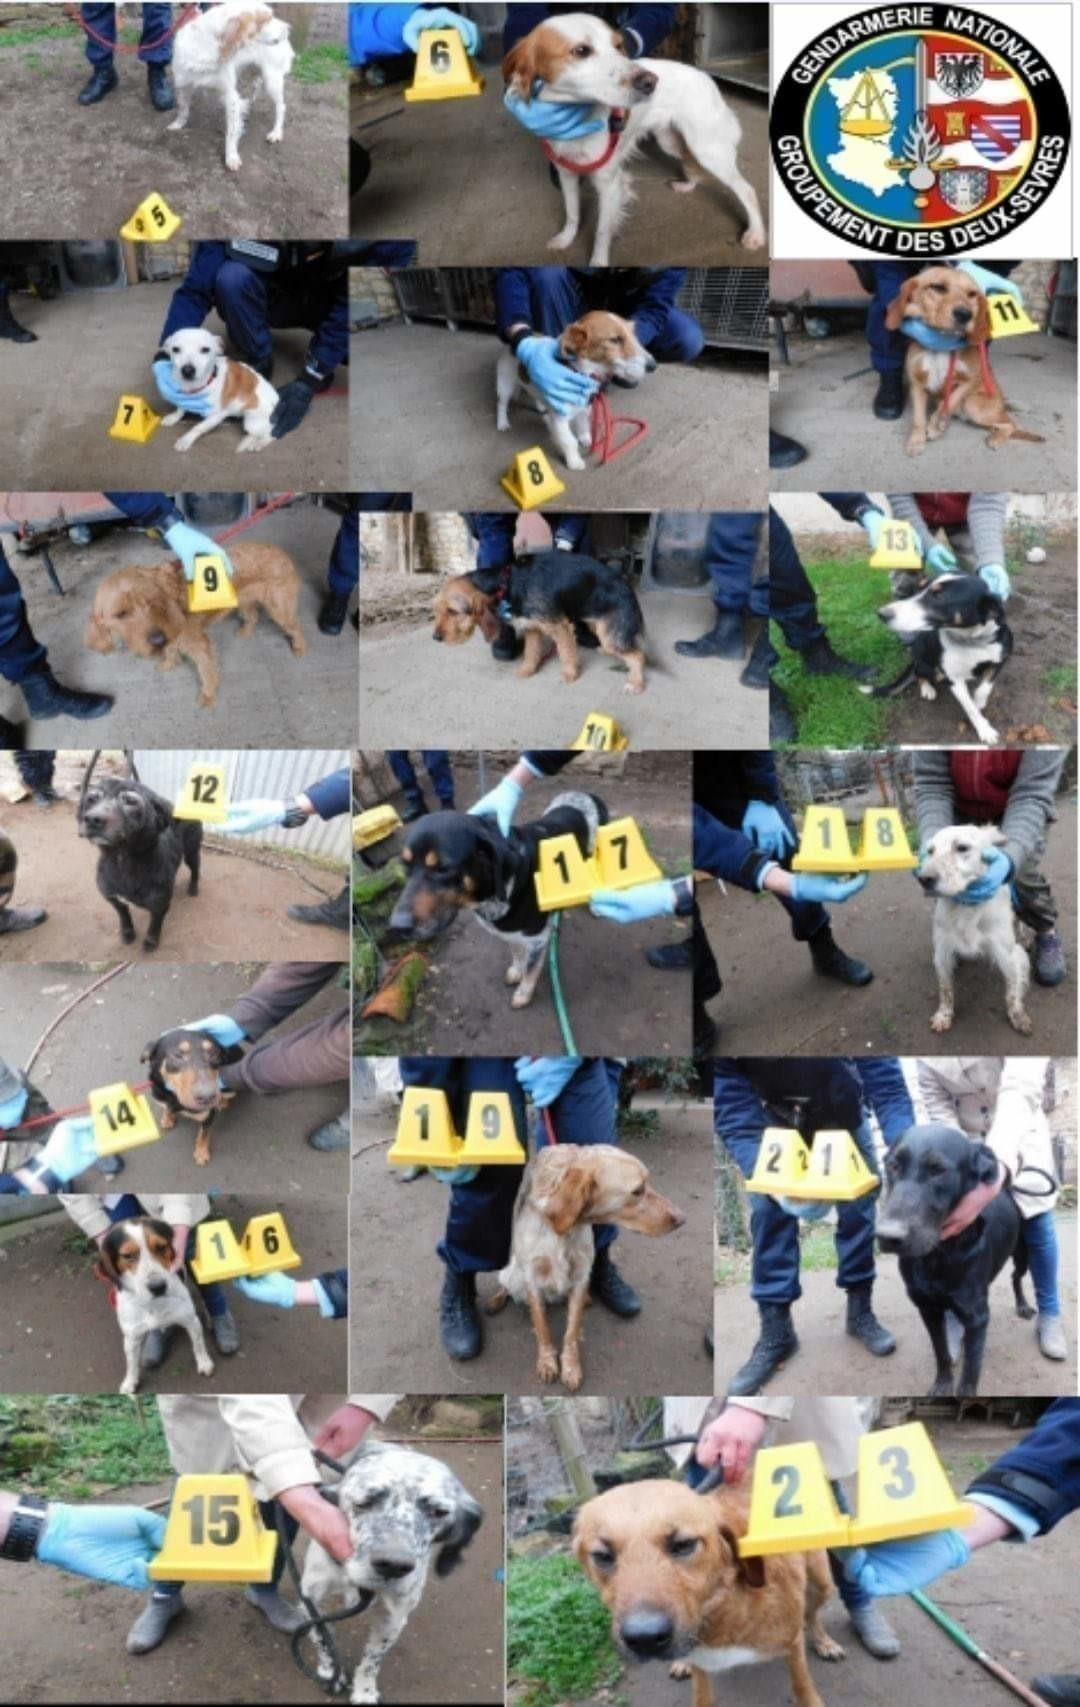 La gendarmerie recherche les propriétaires de chiens volés Recher10